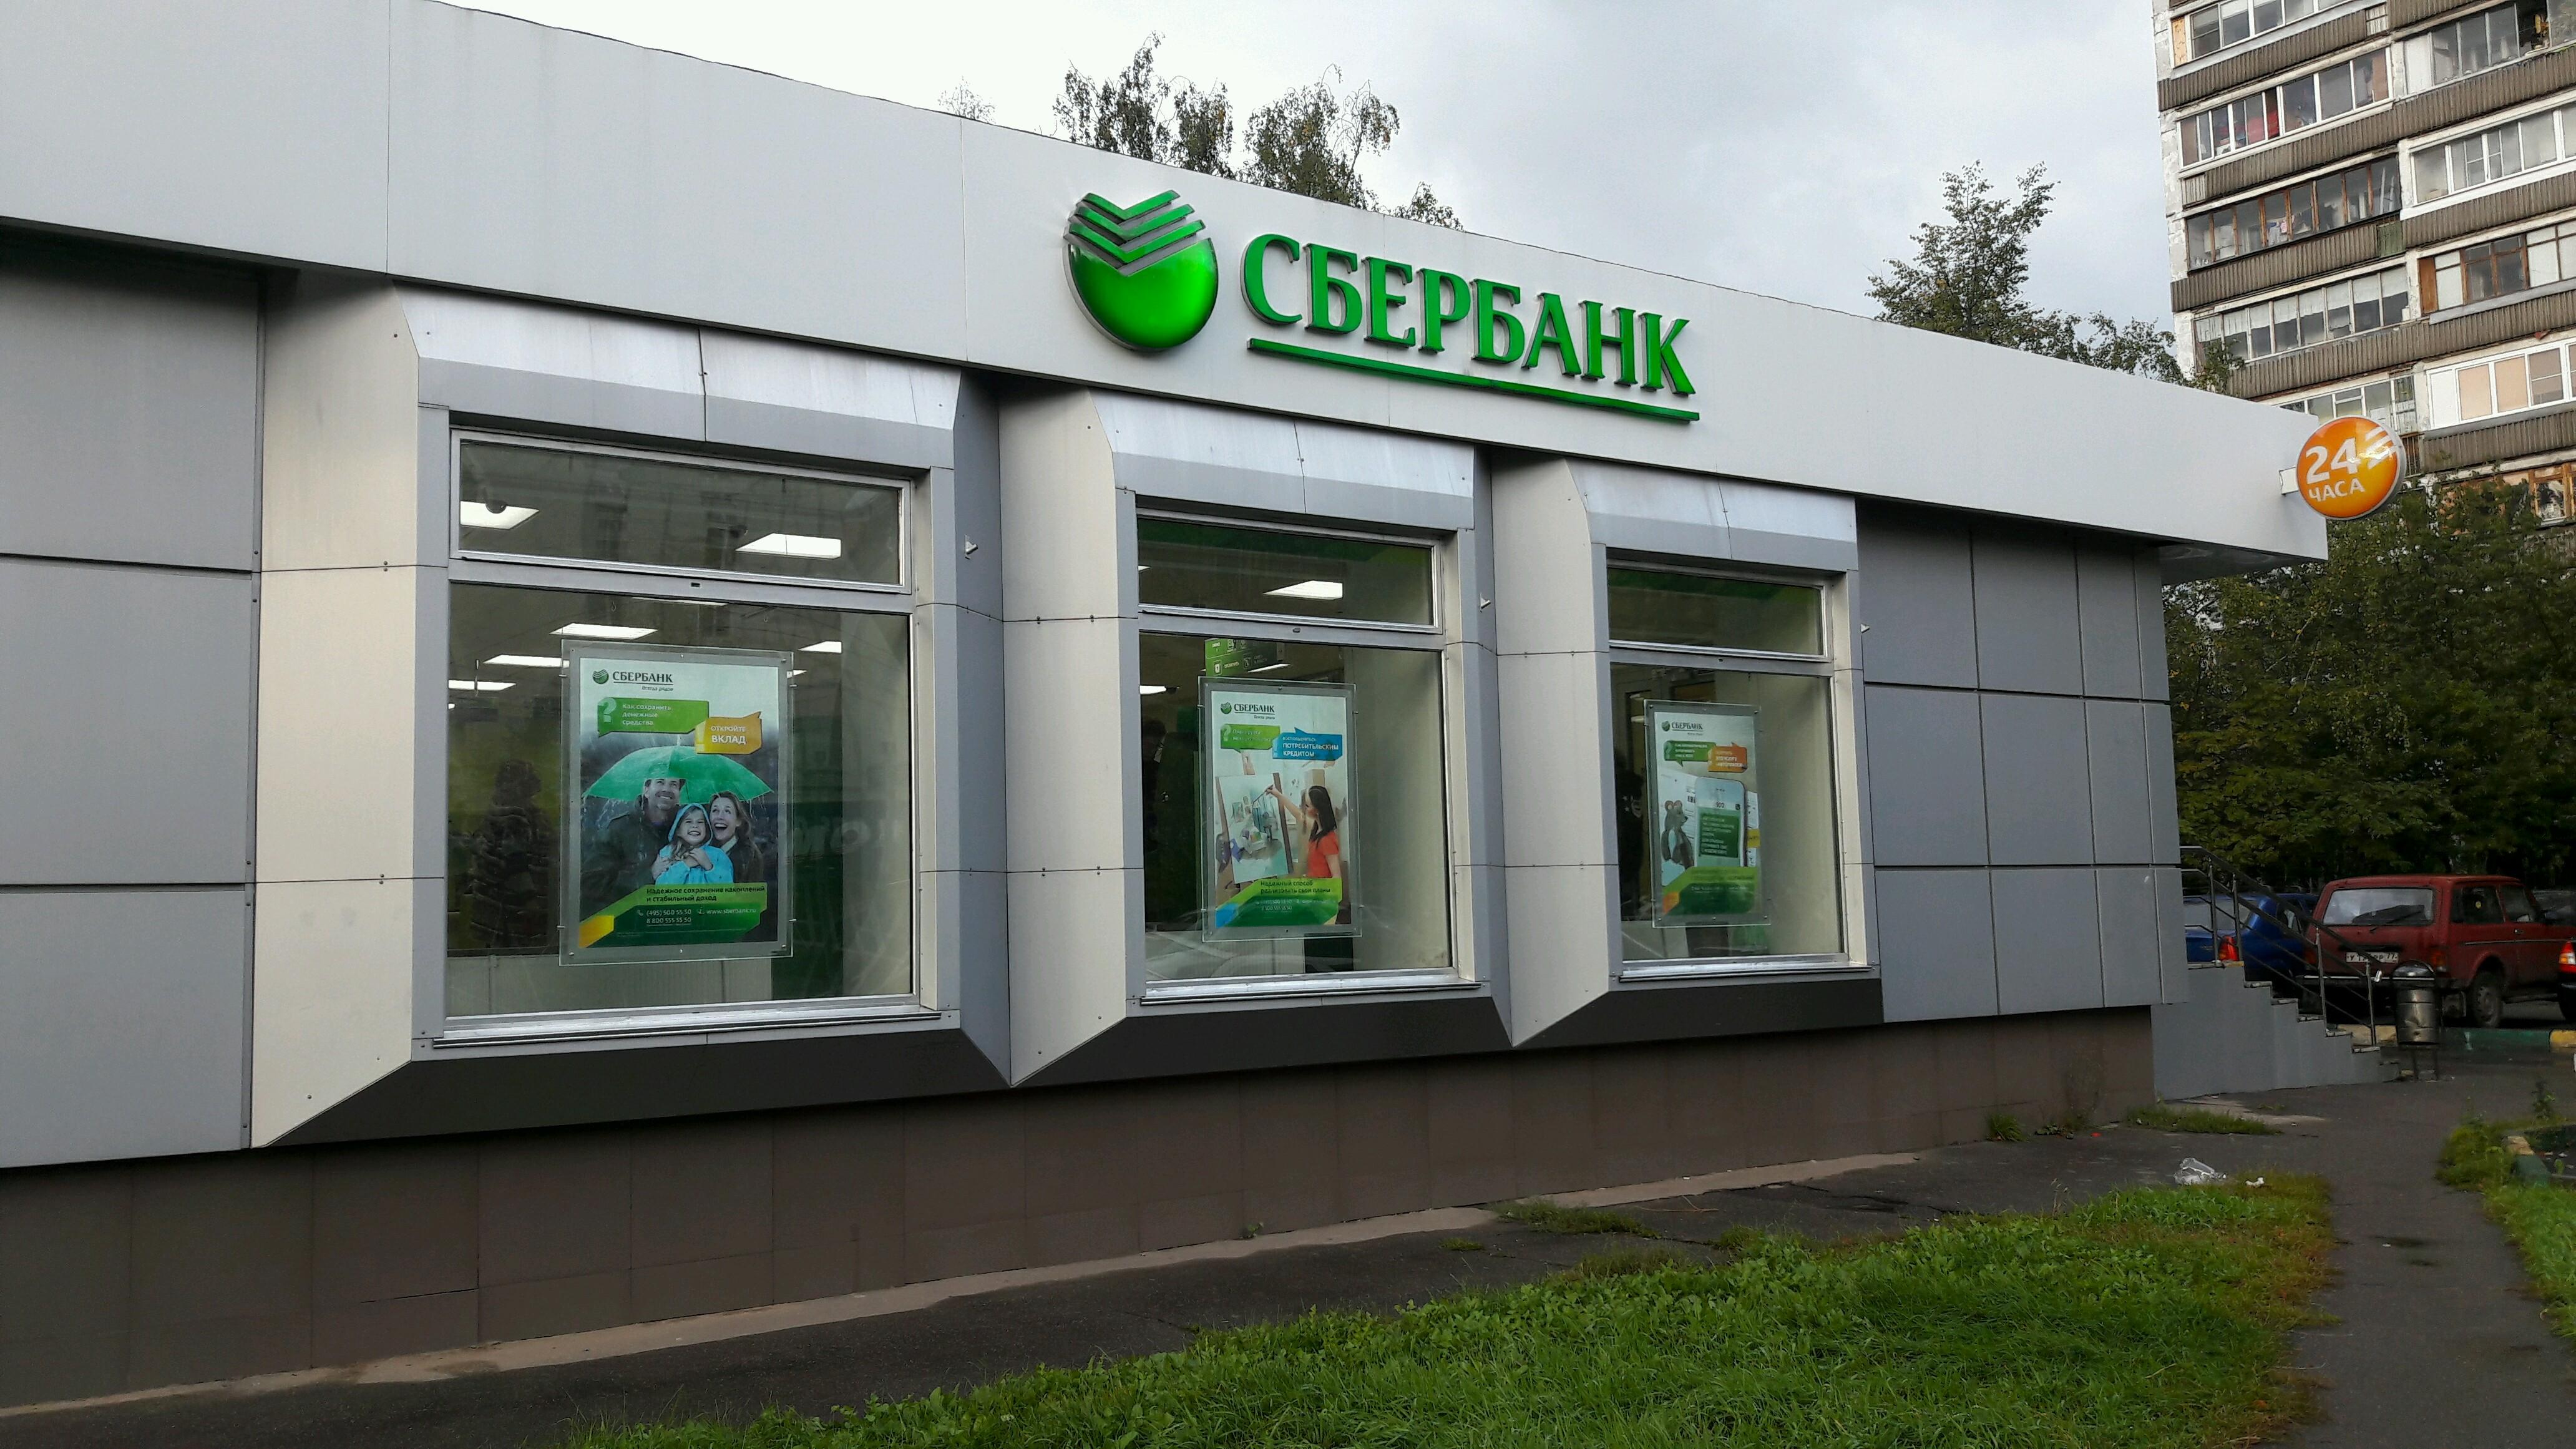 Документы для кредита в москве Заревый проезд первая запись в трудовой книжке образец о приеме на работу